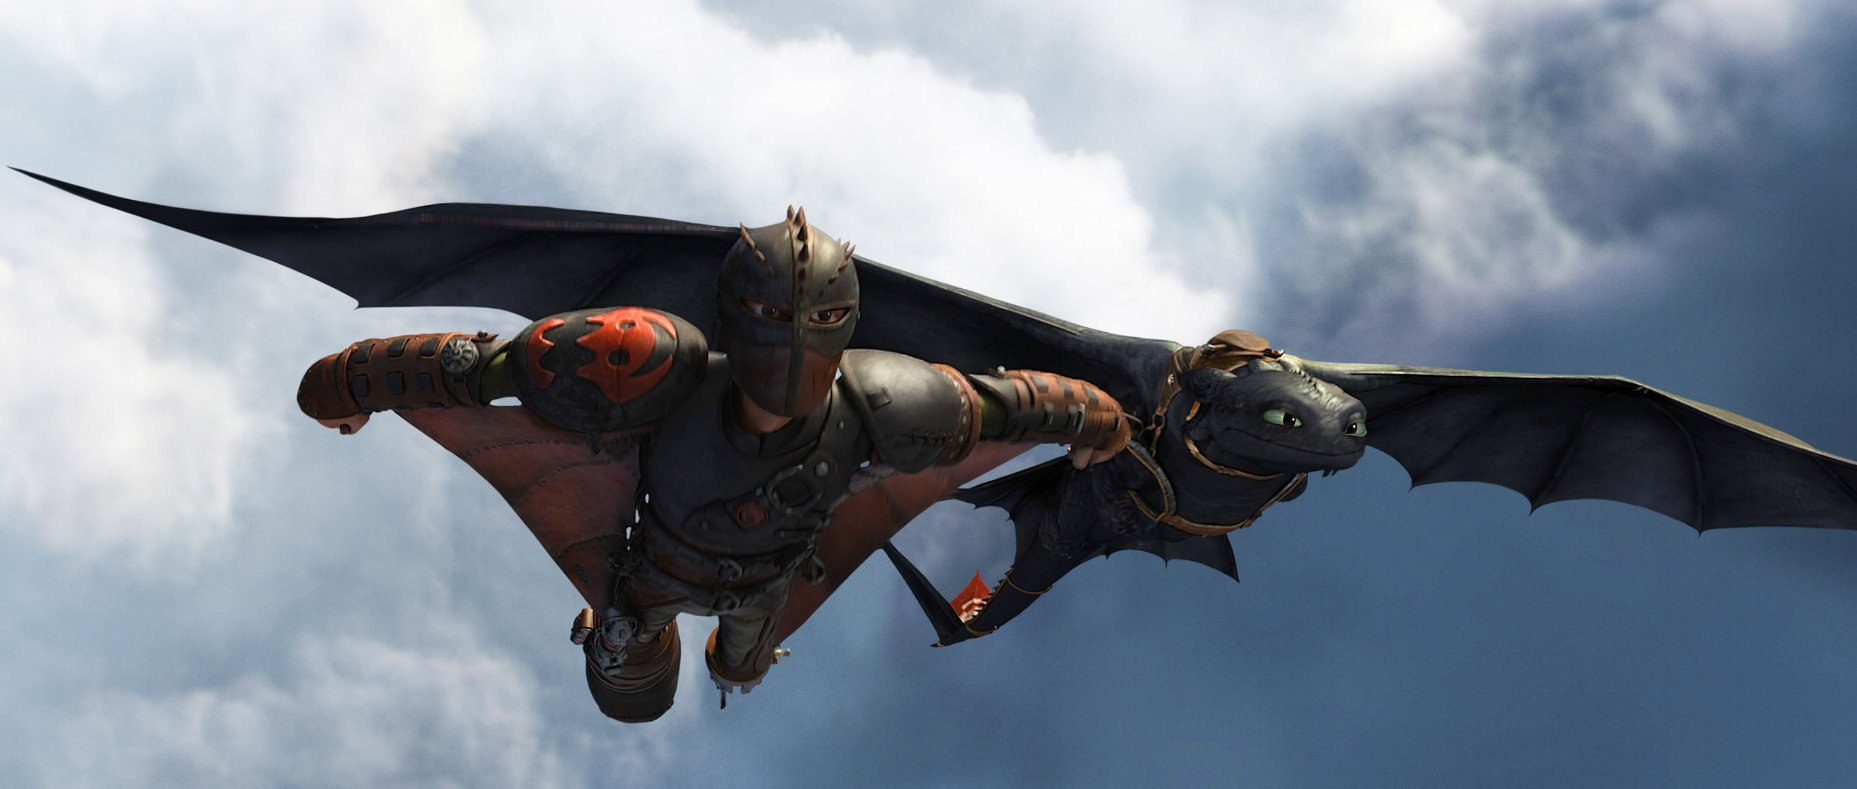 Drachenzähmen leicht gemacht 2, © 2013 - DreamWorks Animation LLC. All Rights Reserved